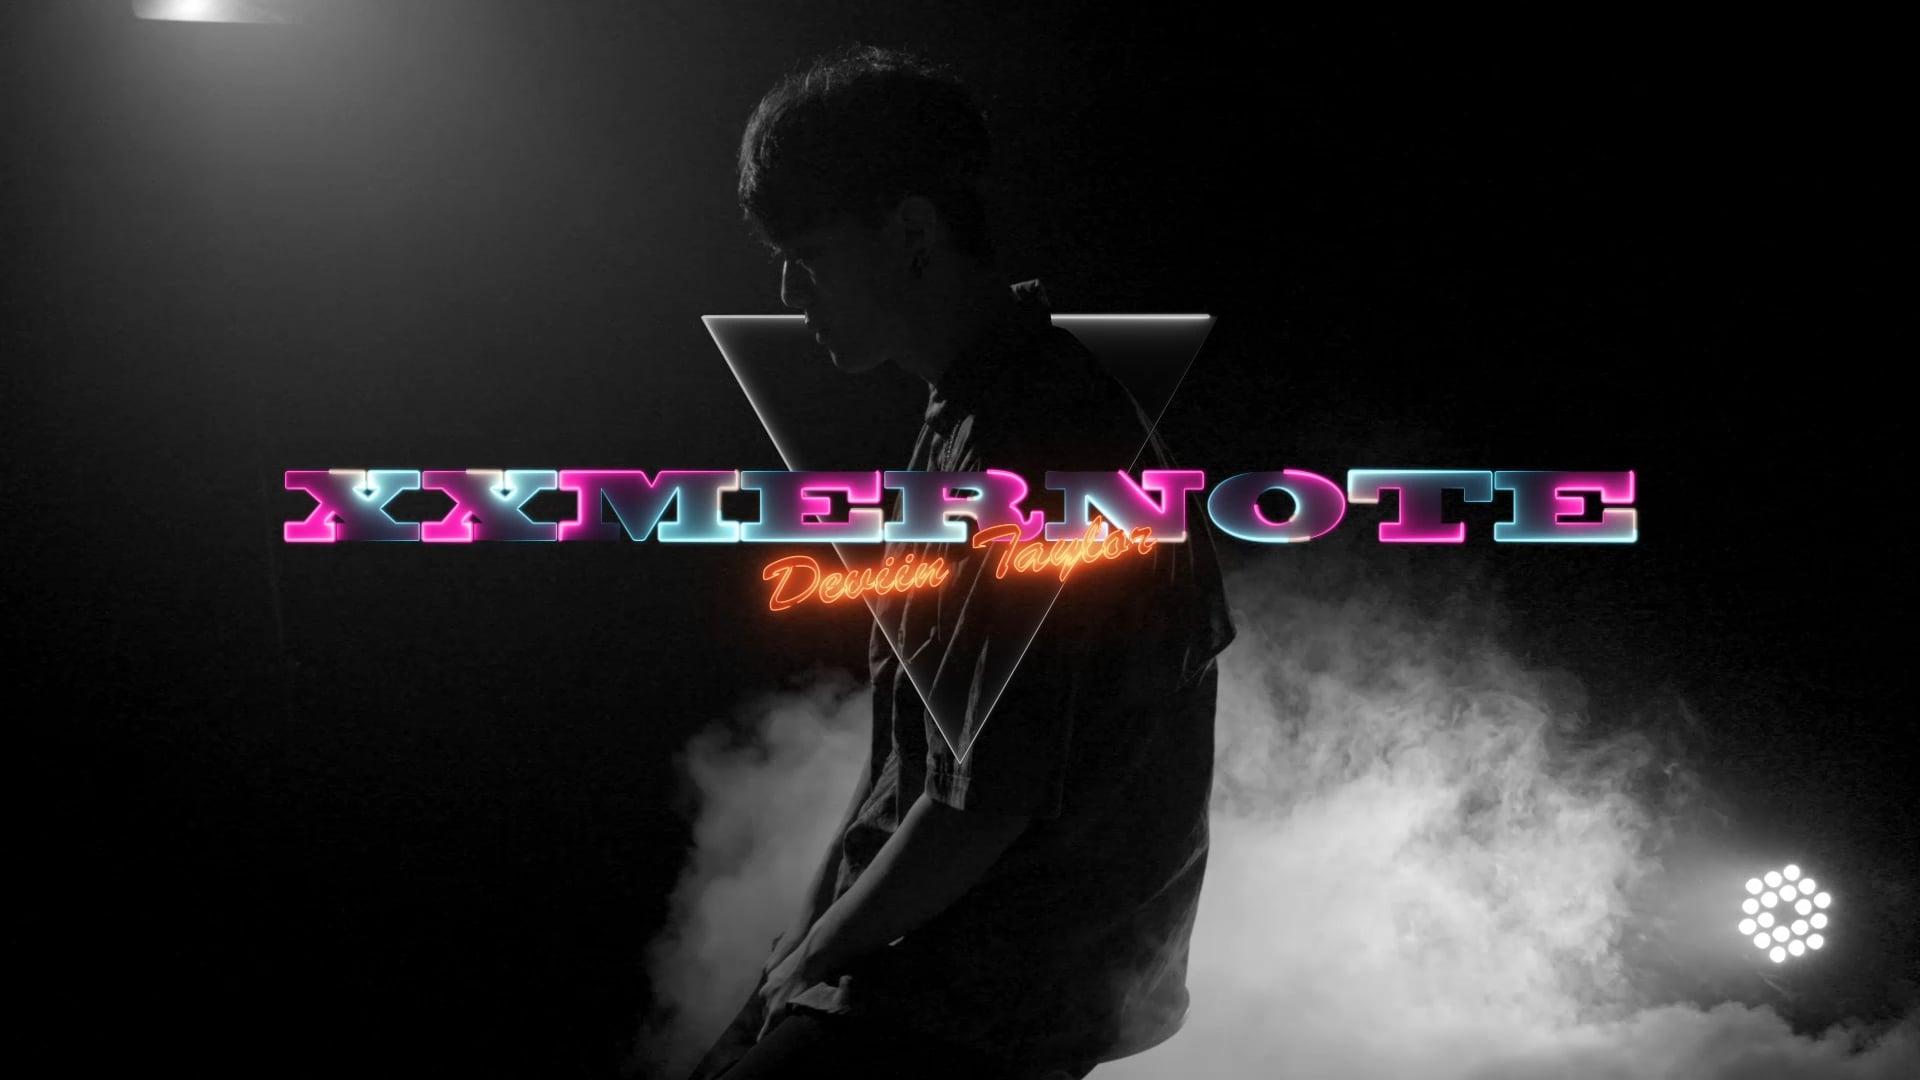 Deviin Taylor 'XXMERNOTE (prod by ROM)'